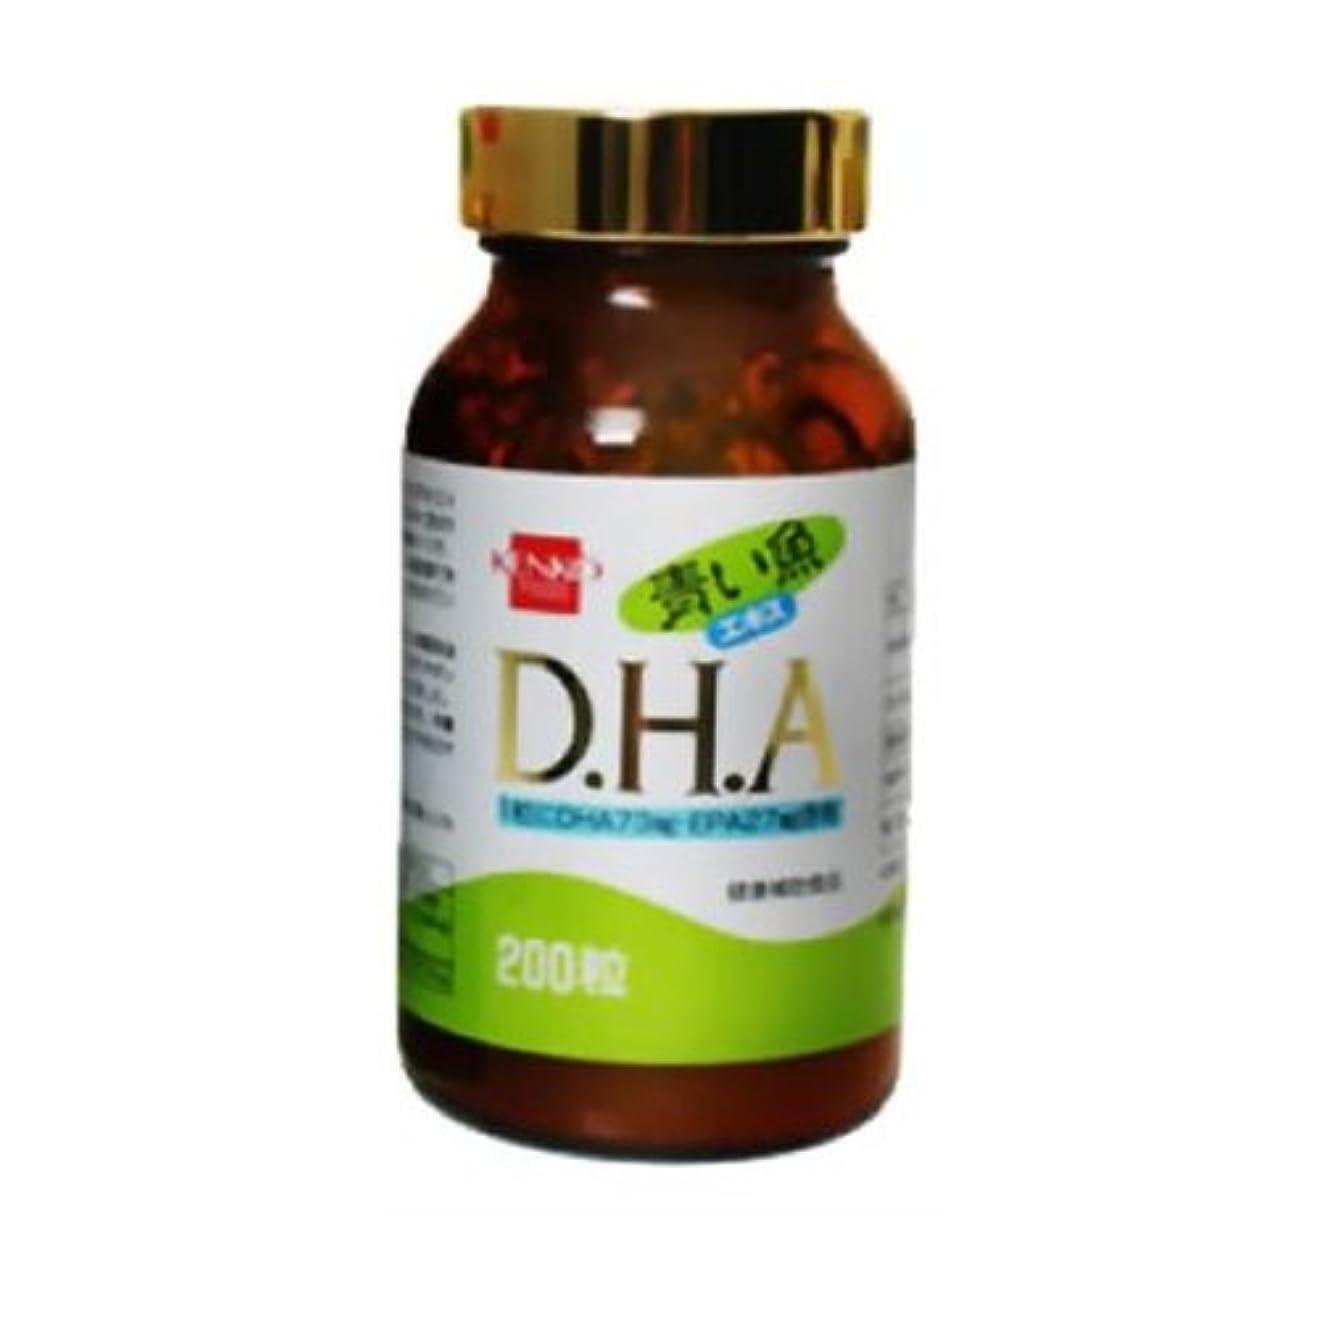 連邦カストディアンストリップ青い魚エキス DHA EPA 200粒